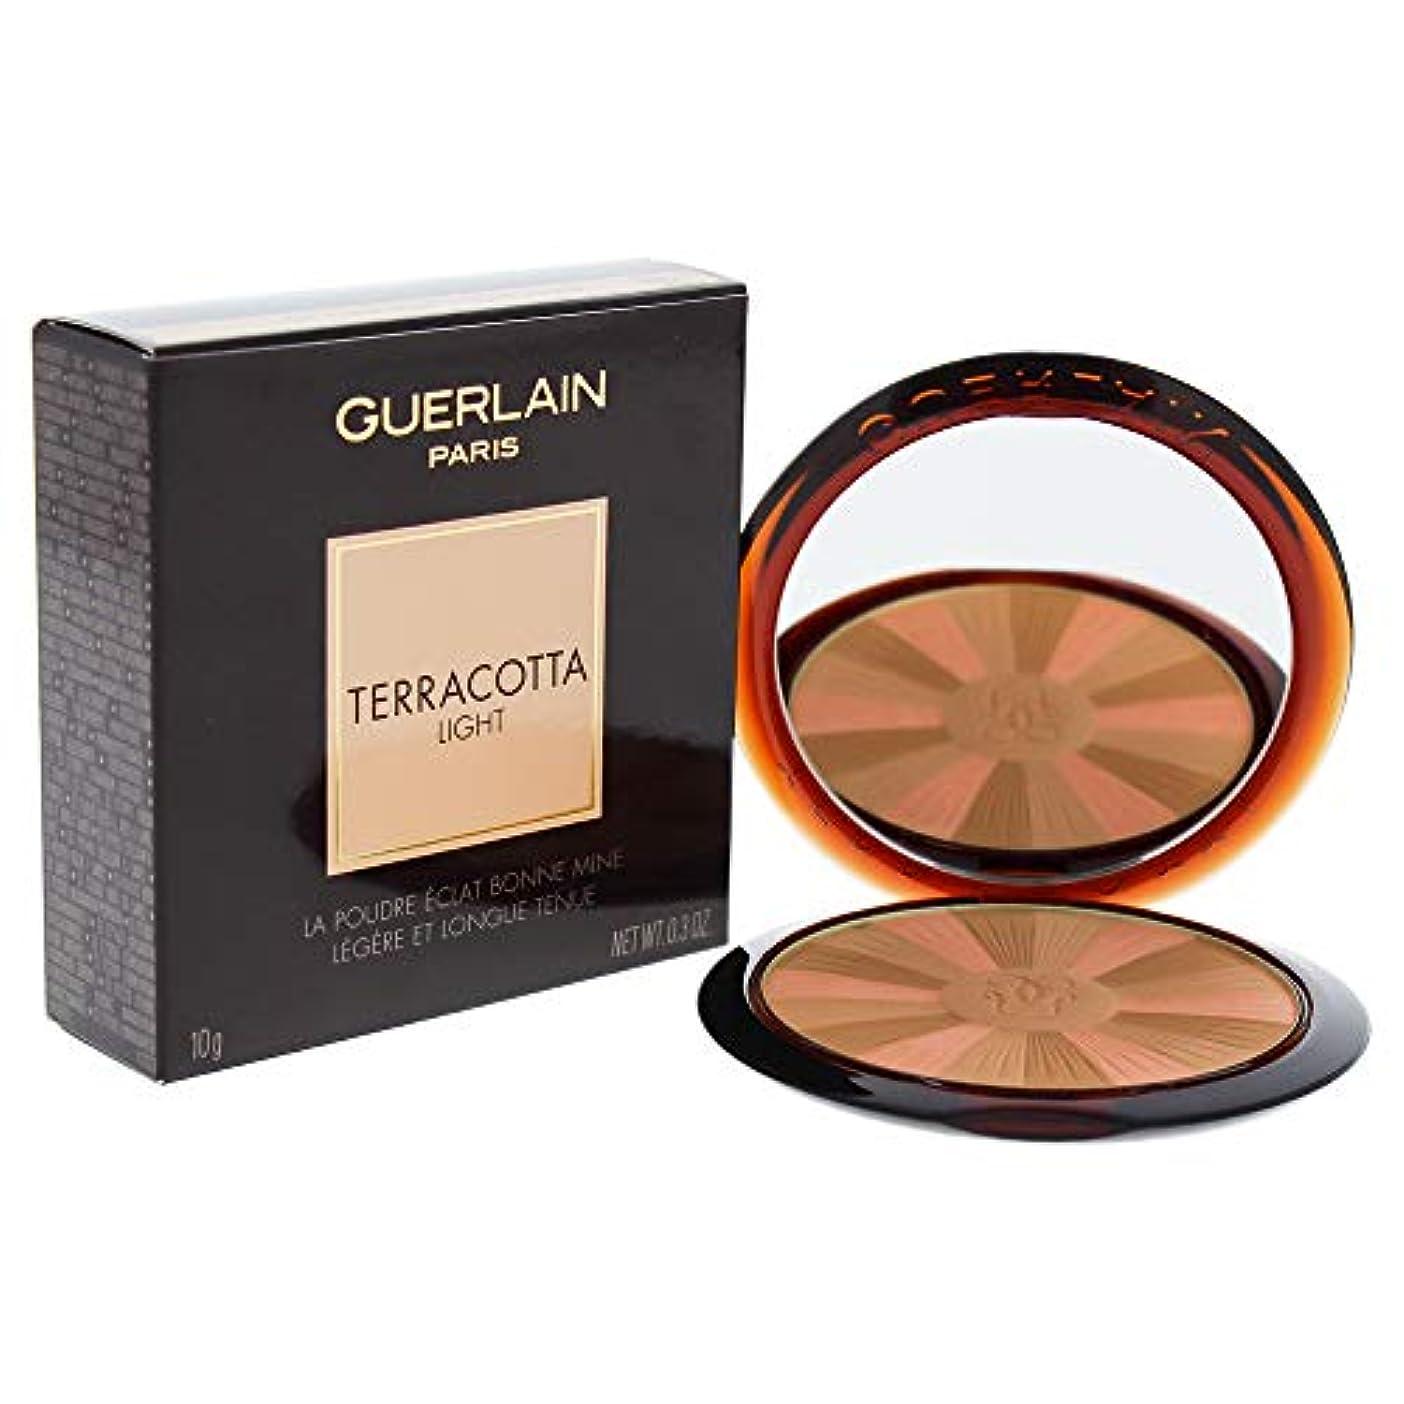 ピジン巨大シャープゲラン Terracotta Light The Sun Kissed Healthy Glow Powder - # 01 Light Warm 10g/0.3oz並行輸入品